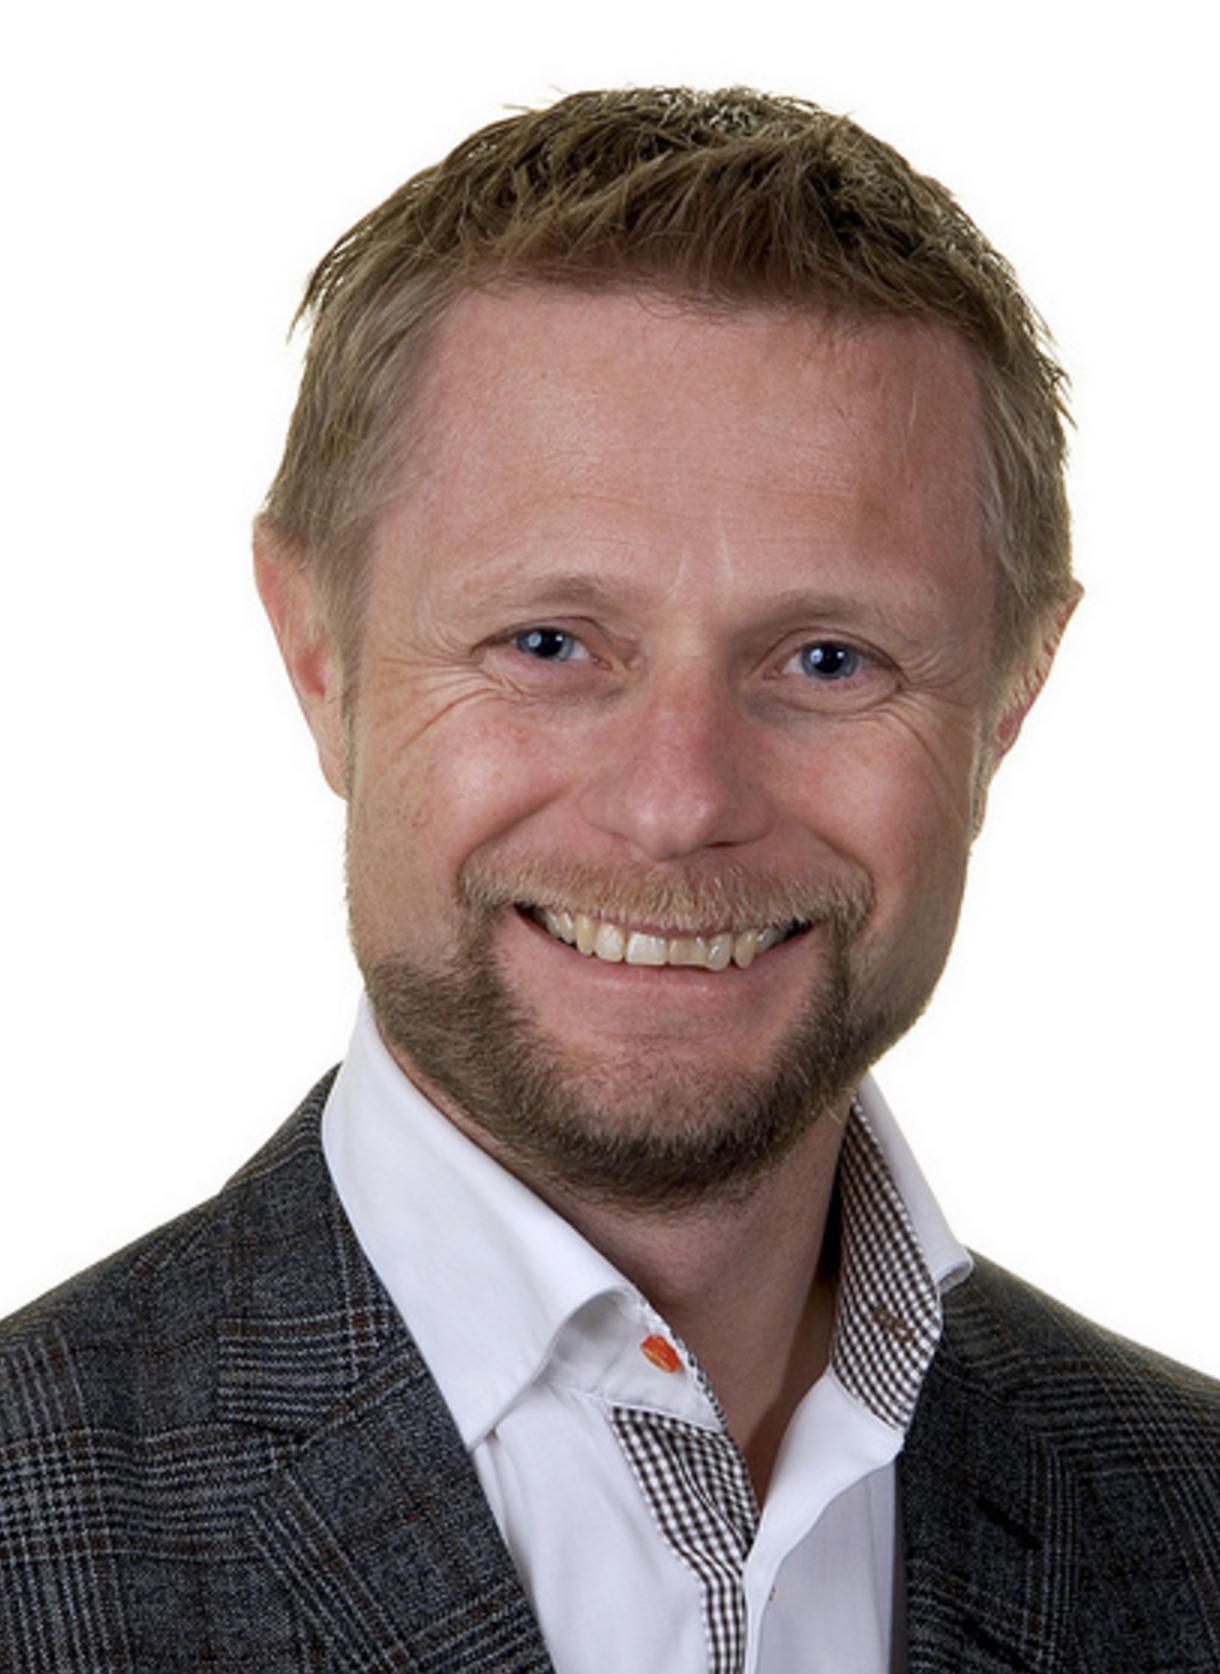 Helseminister Bent Høie (H) har kanskje ikke så god grunn til å smile?